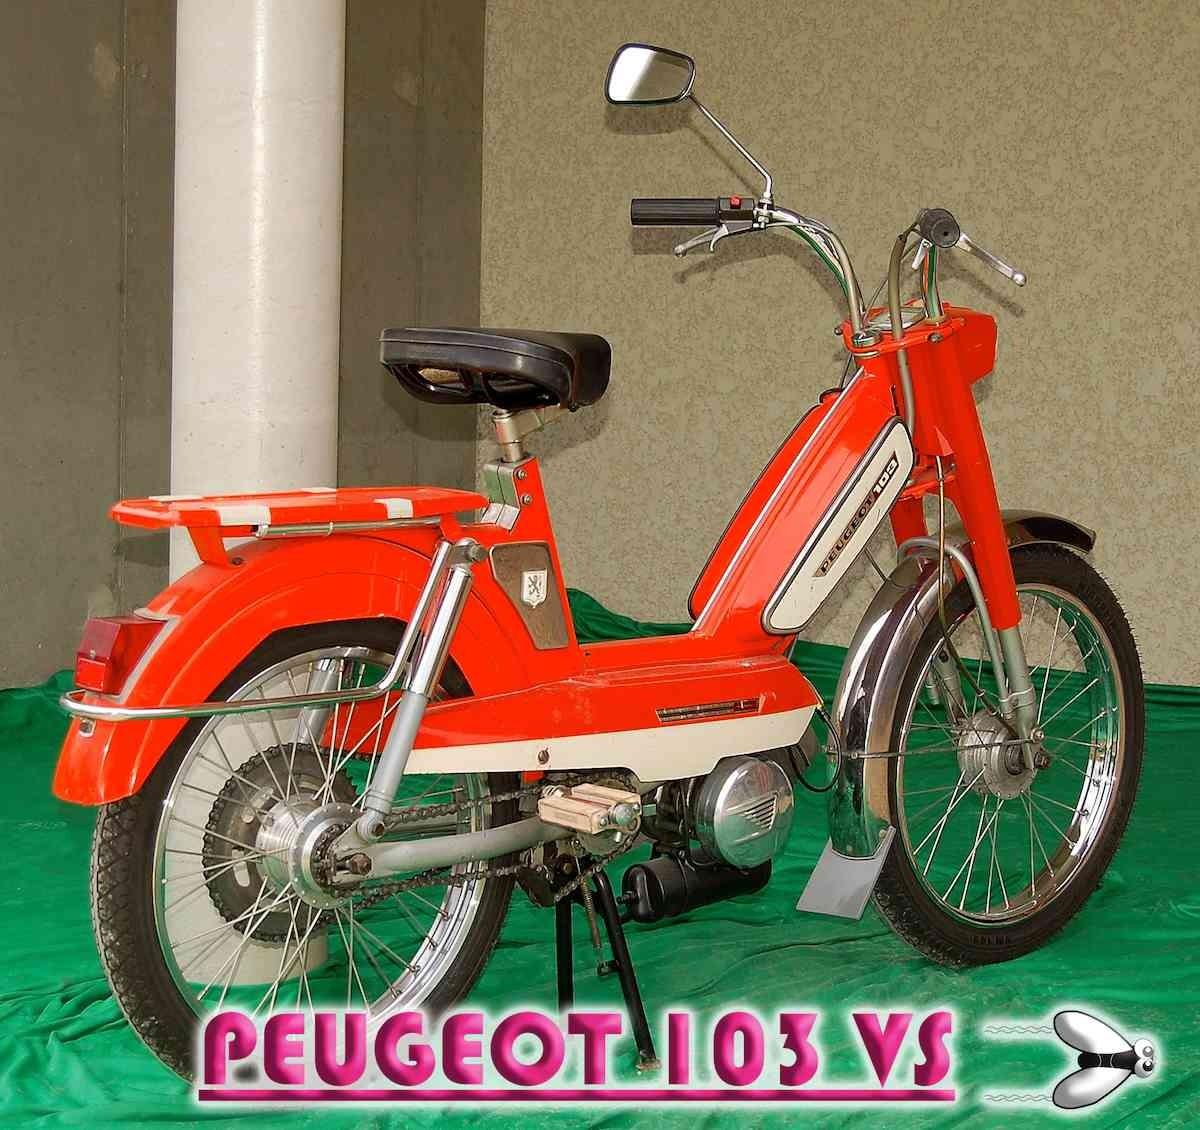 Le Crassou a fait sa toilette .. Peugeot 103 - Page 2 748306206peugeot103vsoriginal1971large